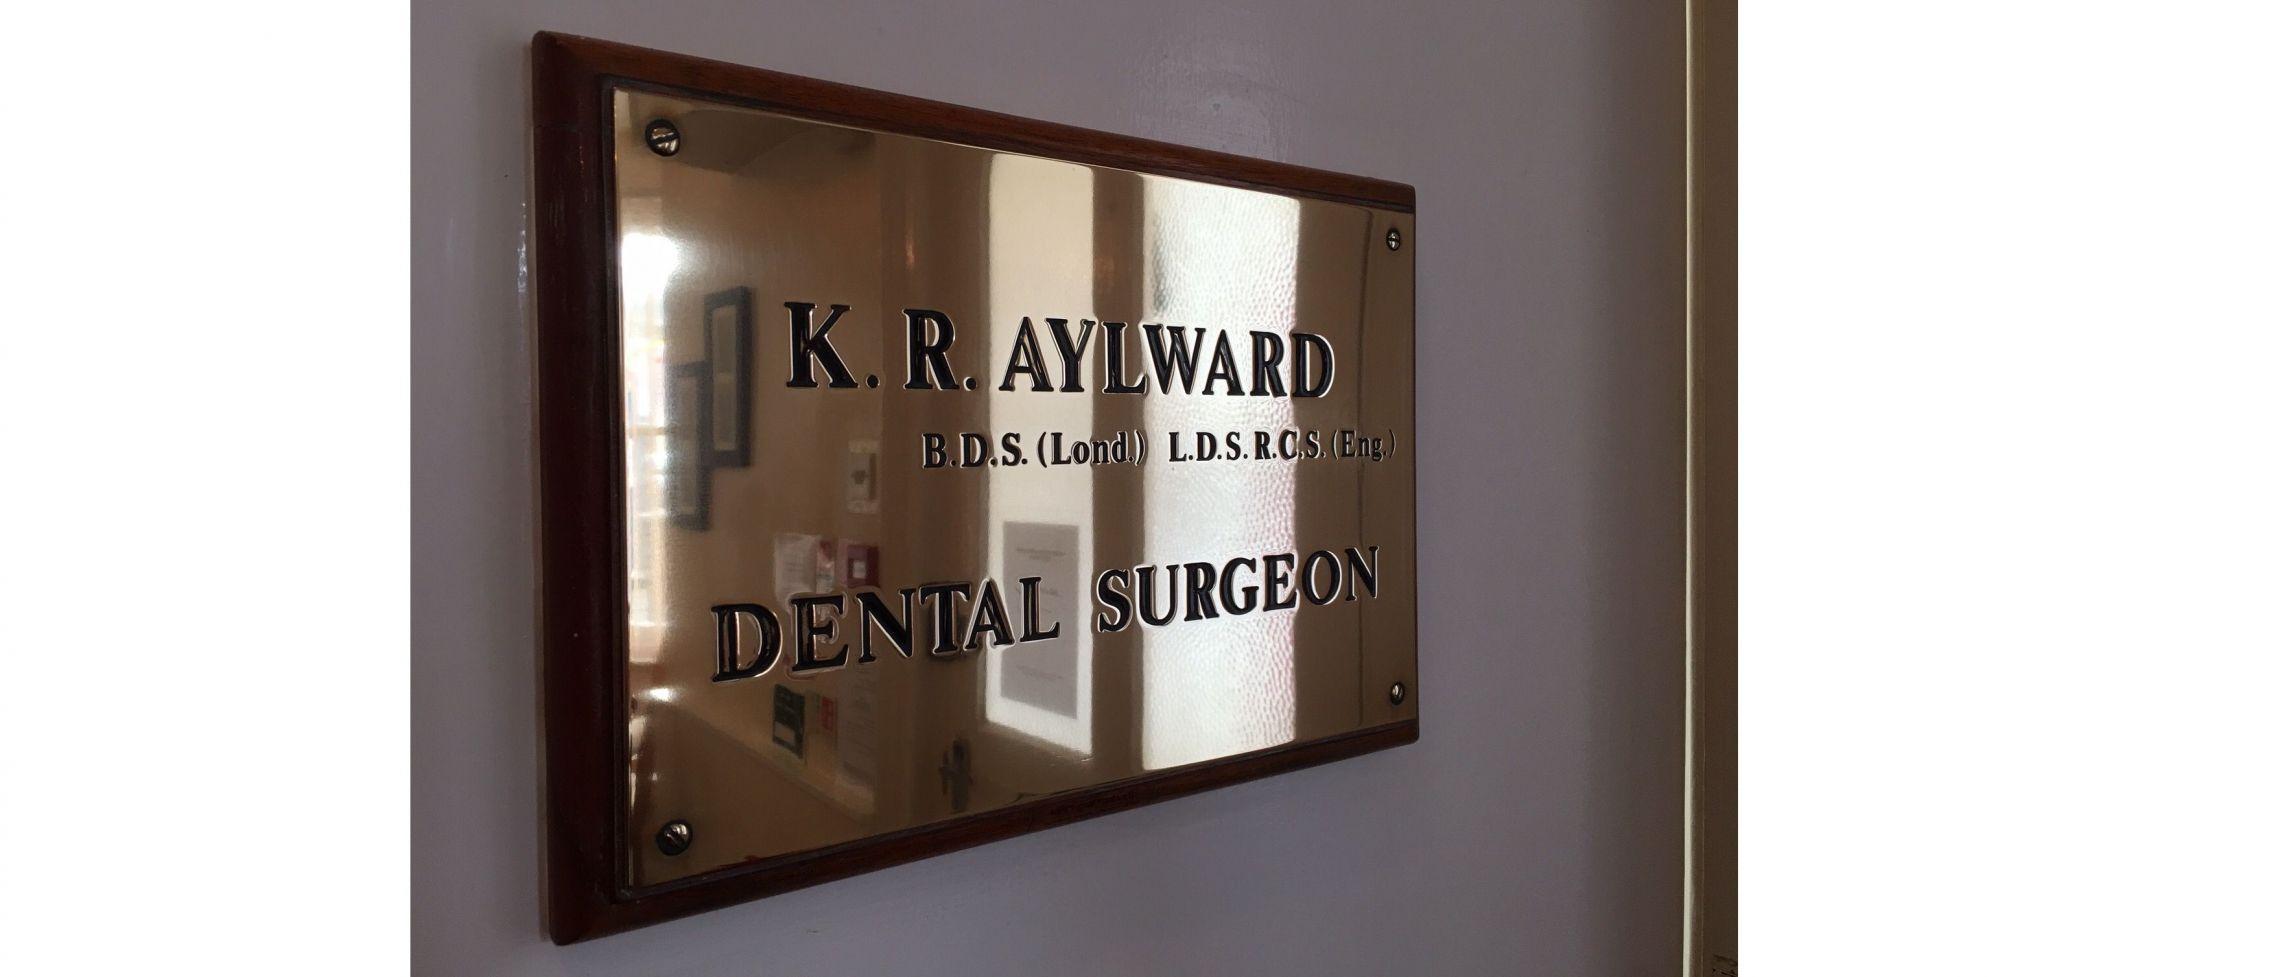 Sedgemead House Dental Practice and Medical Facial Aesthetics Clinic